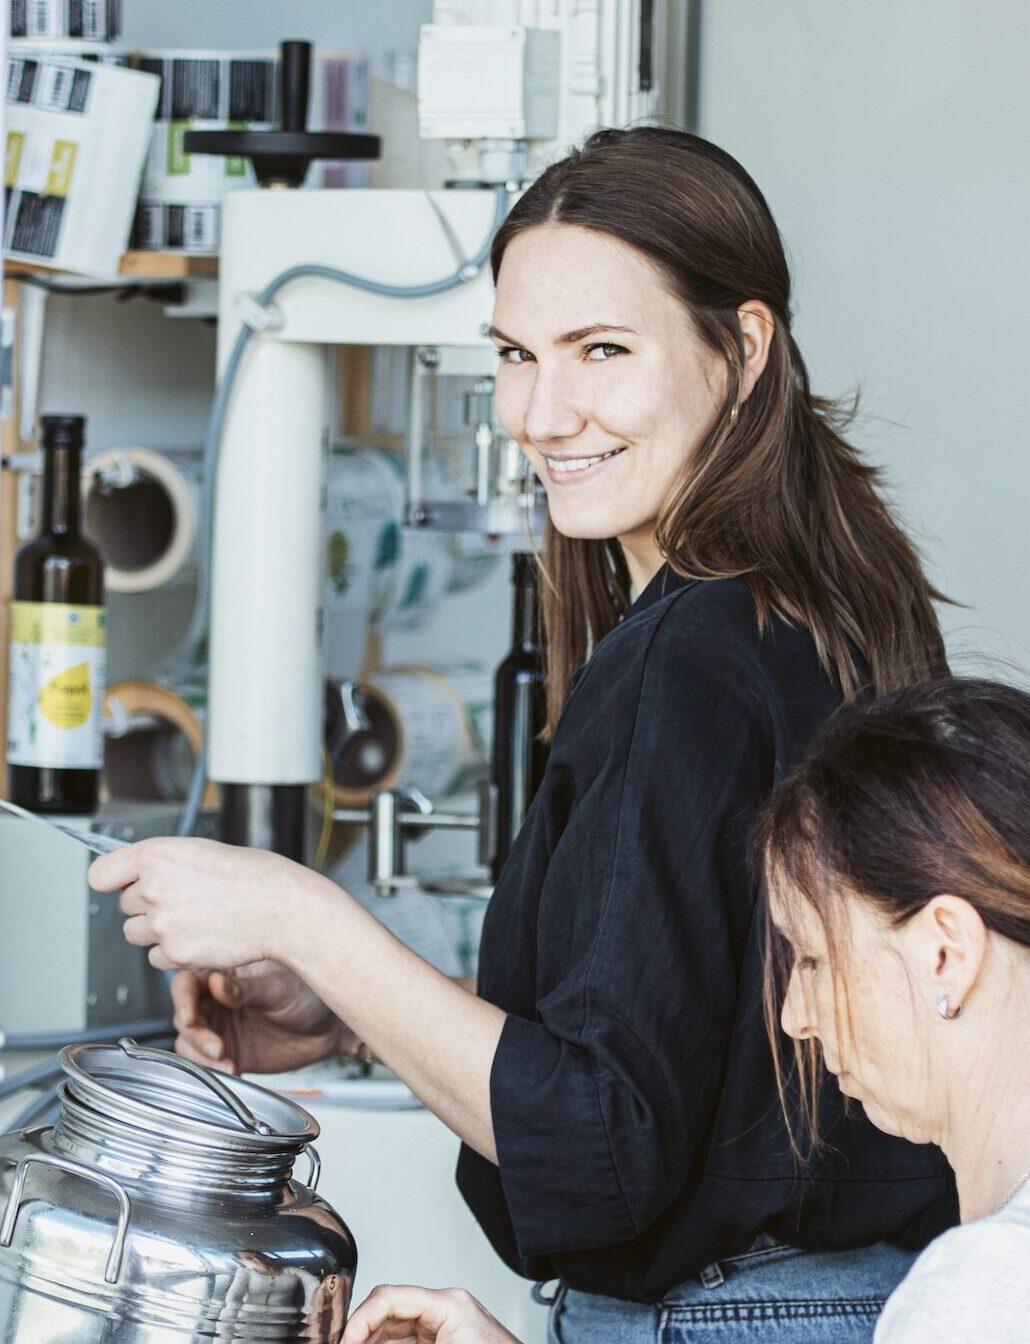 Marketingleiterin Justine Büschel in der Produktion